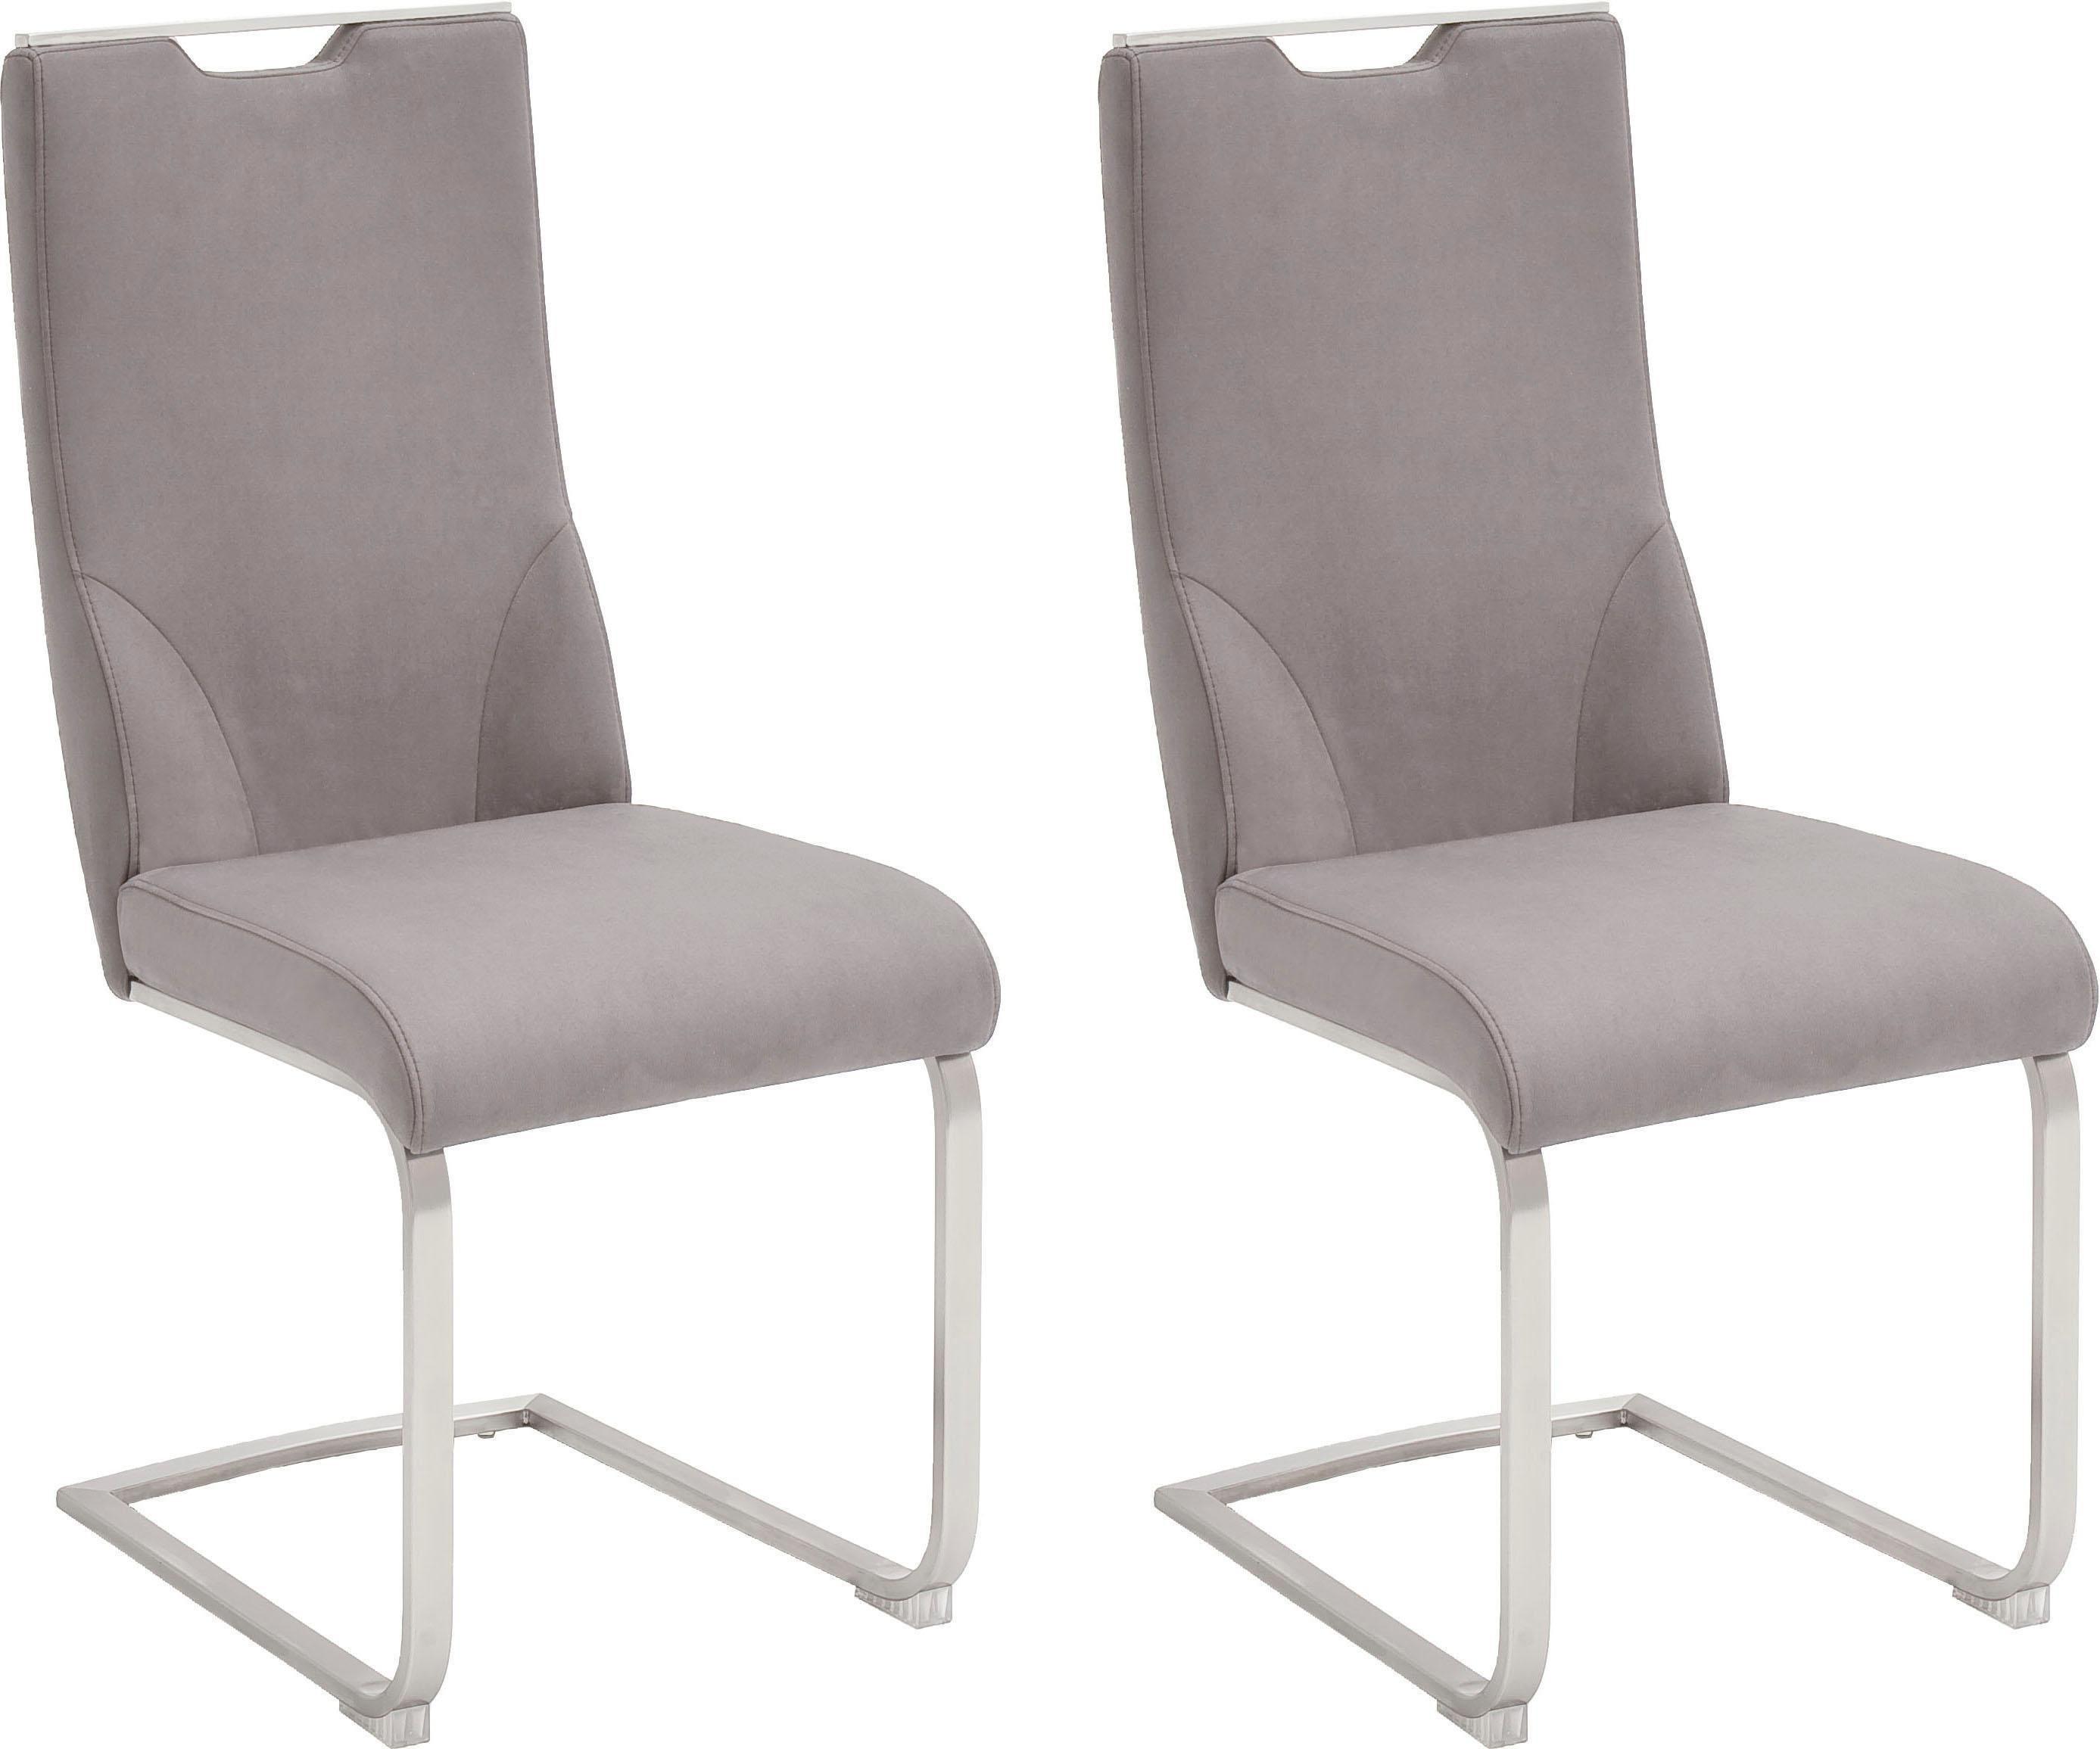 Freischwinger Stuhl Preisvergleich • Die besten Angebote